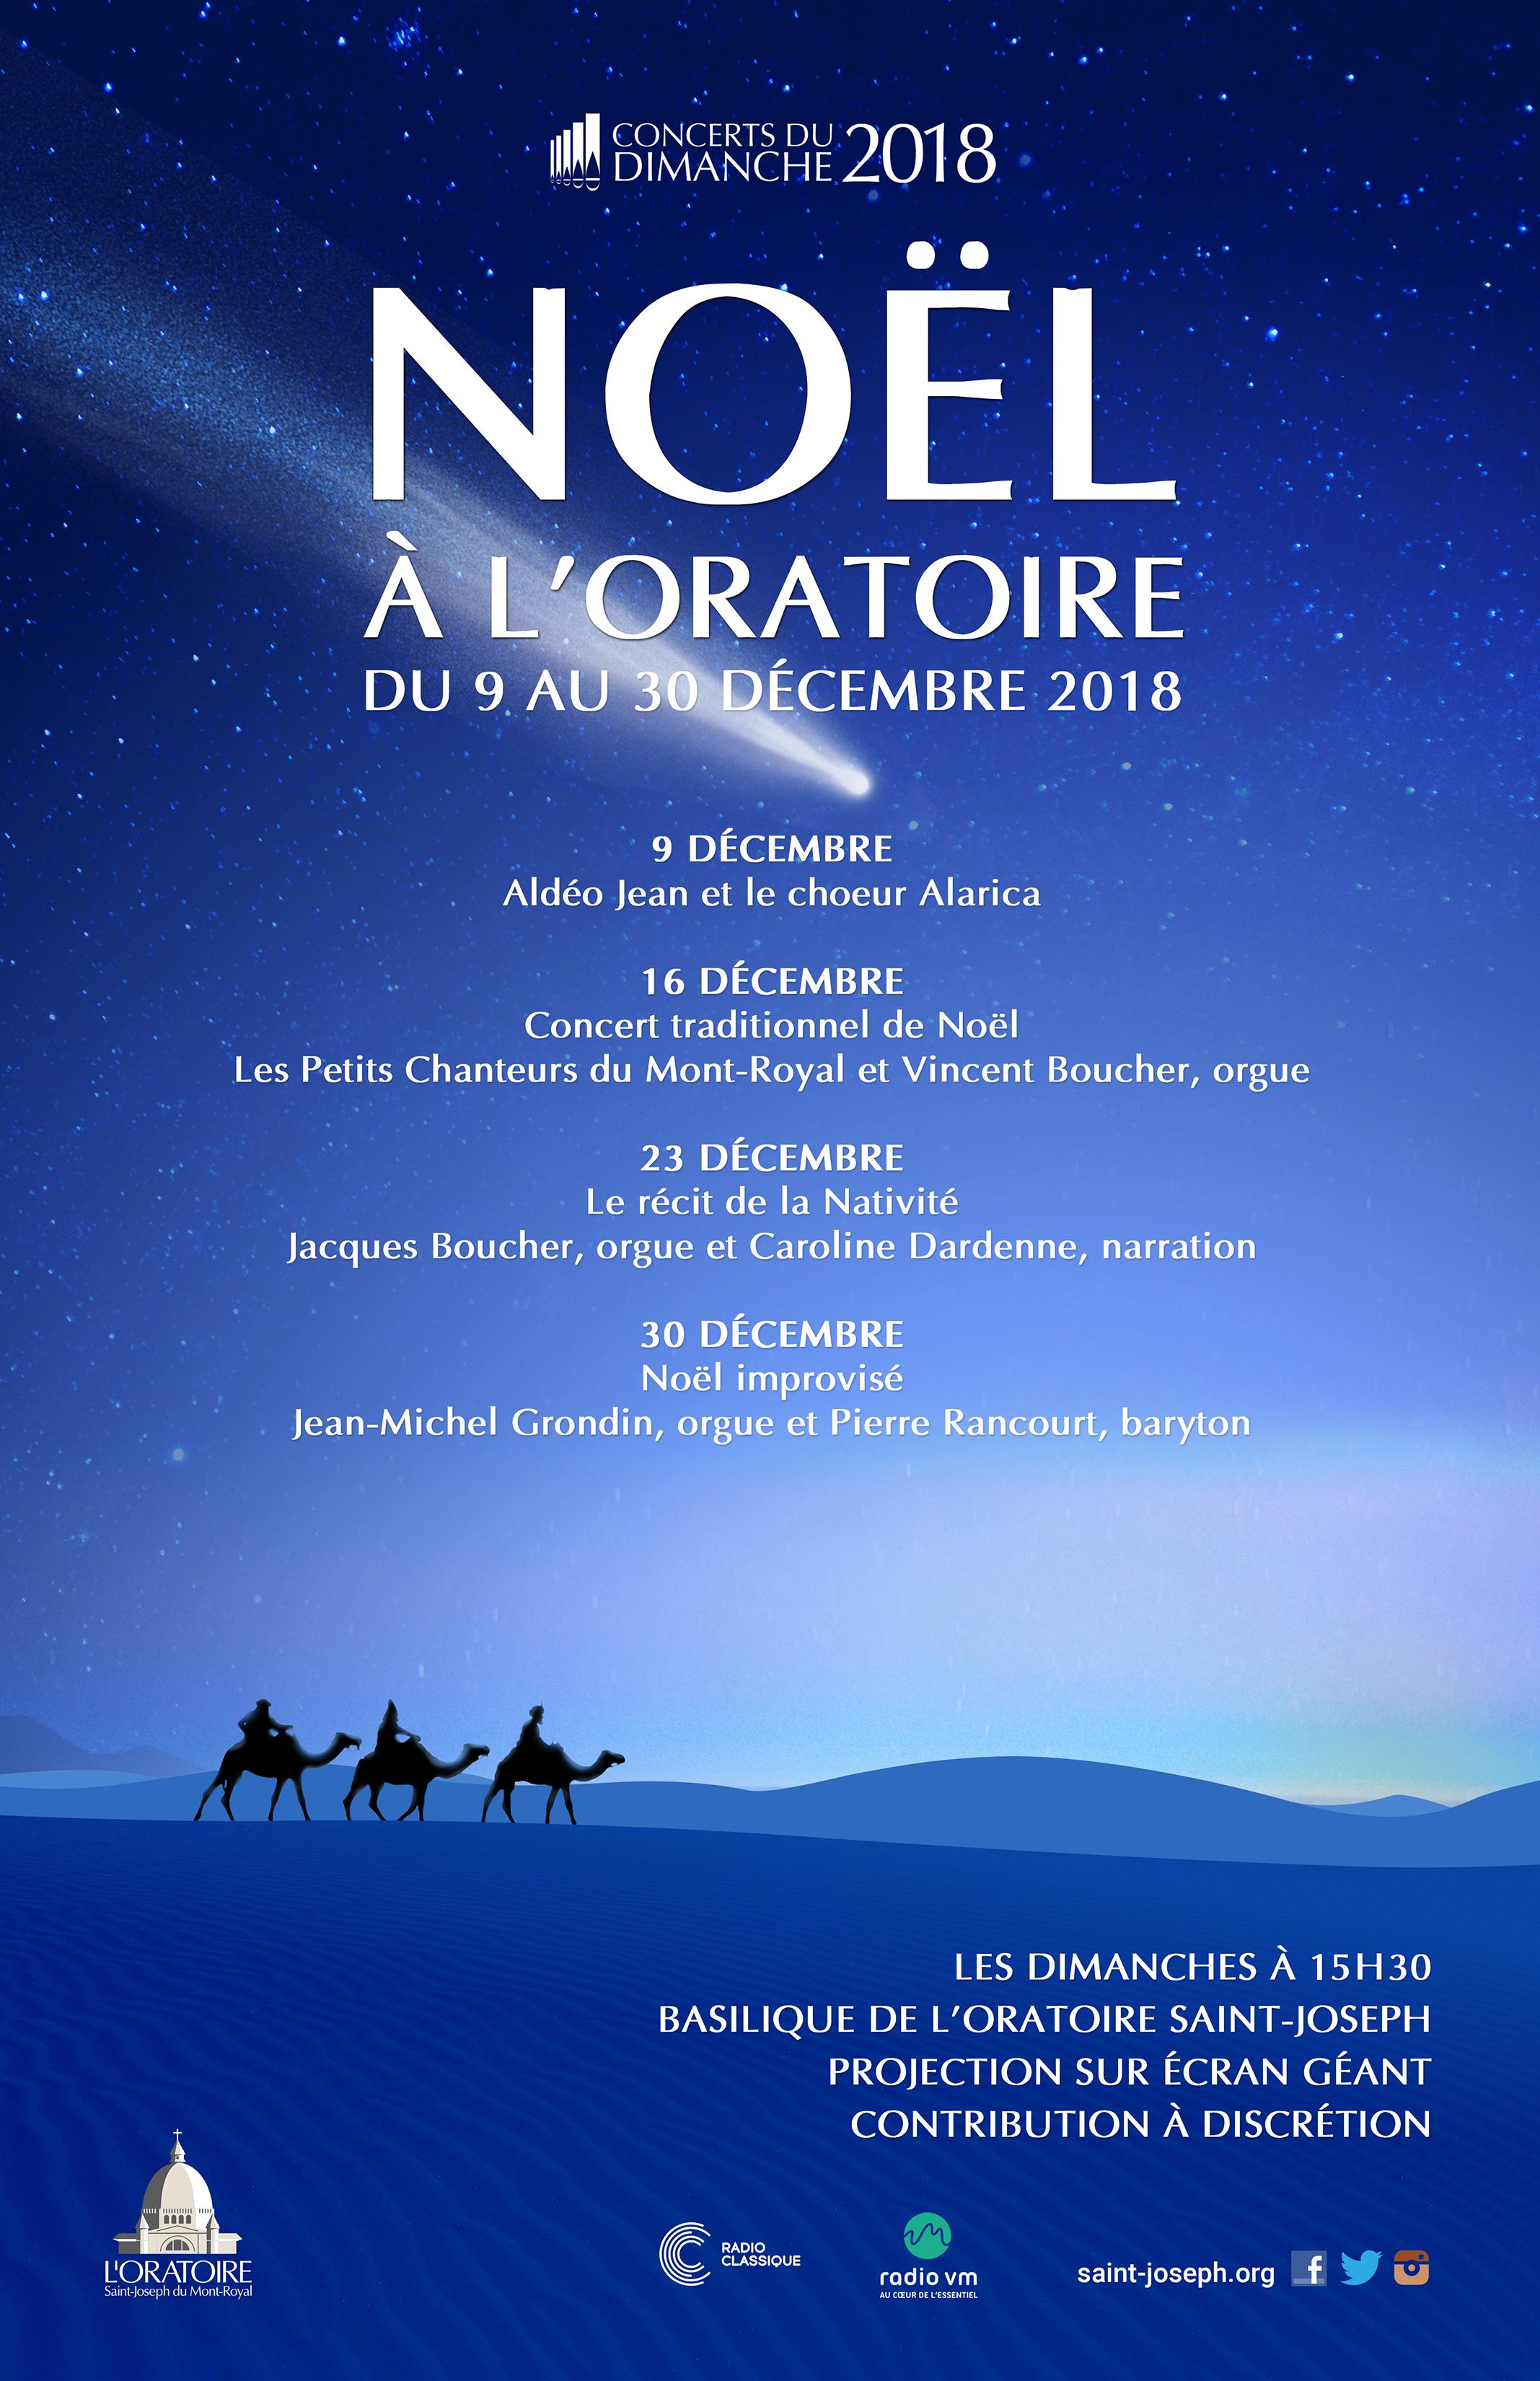 Série de concerts Noël à l'Oratoire 2018